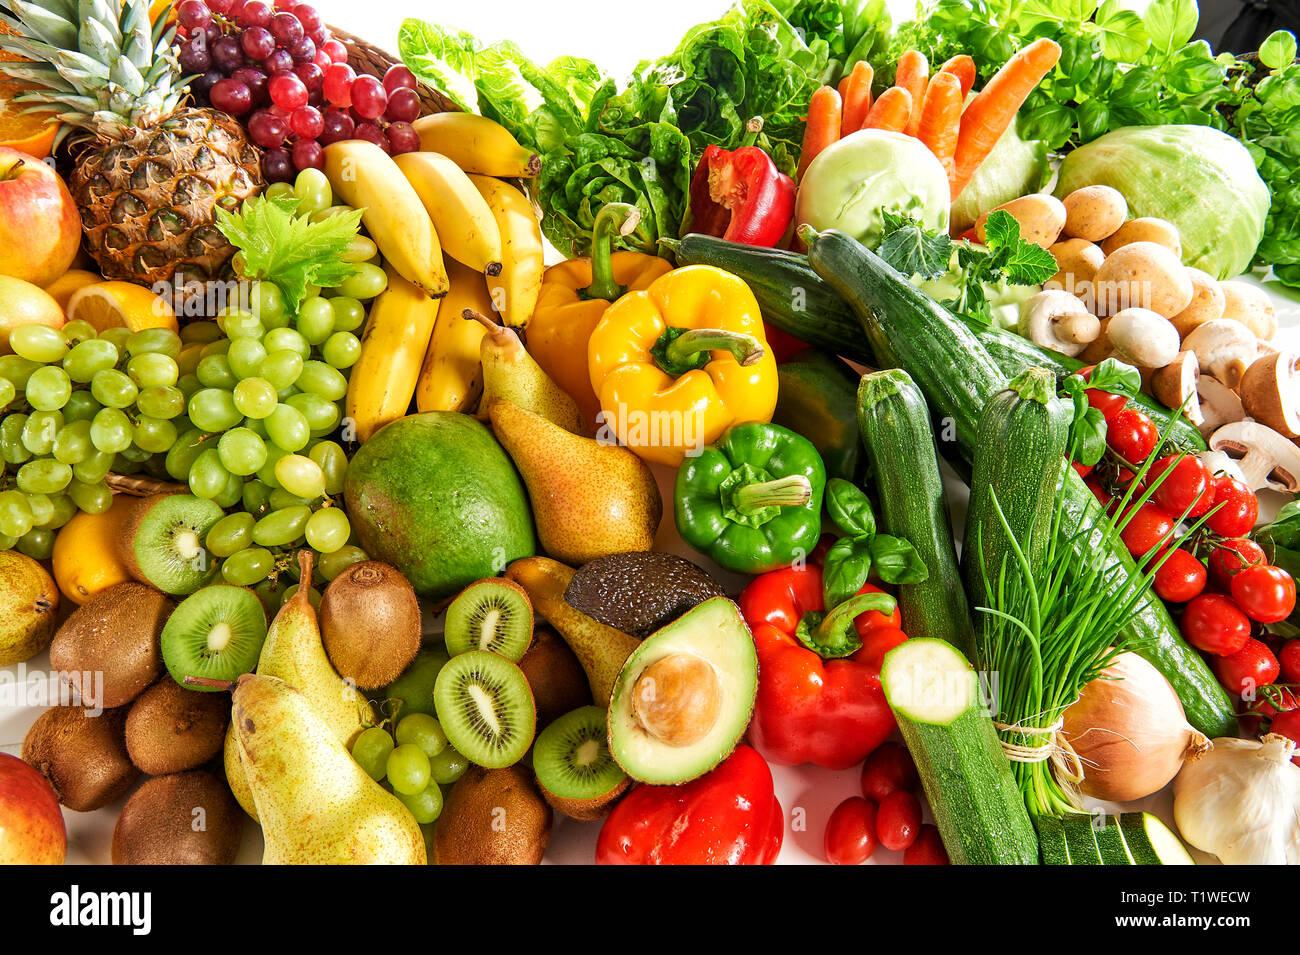 Verschiedene Obst- und Gemuesesorten liegen aufgetuermt. - Stock Image